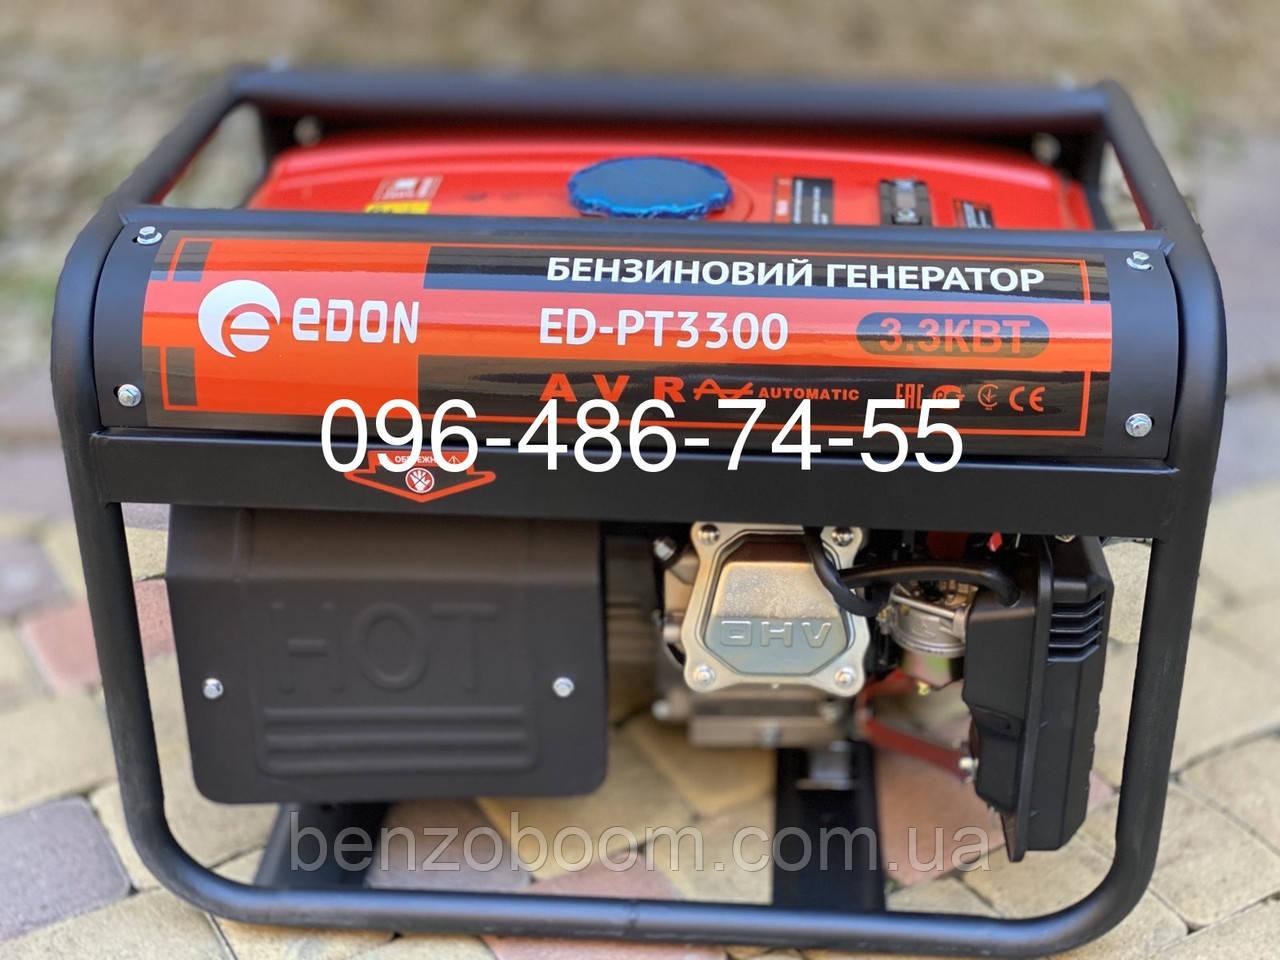 Генератор бензиновый Edon ED-PT3300 3.3 кВт медная обмотка